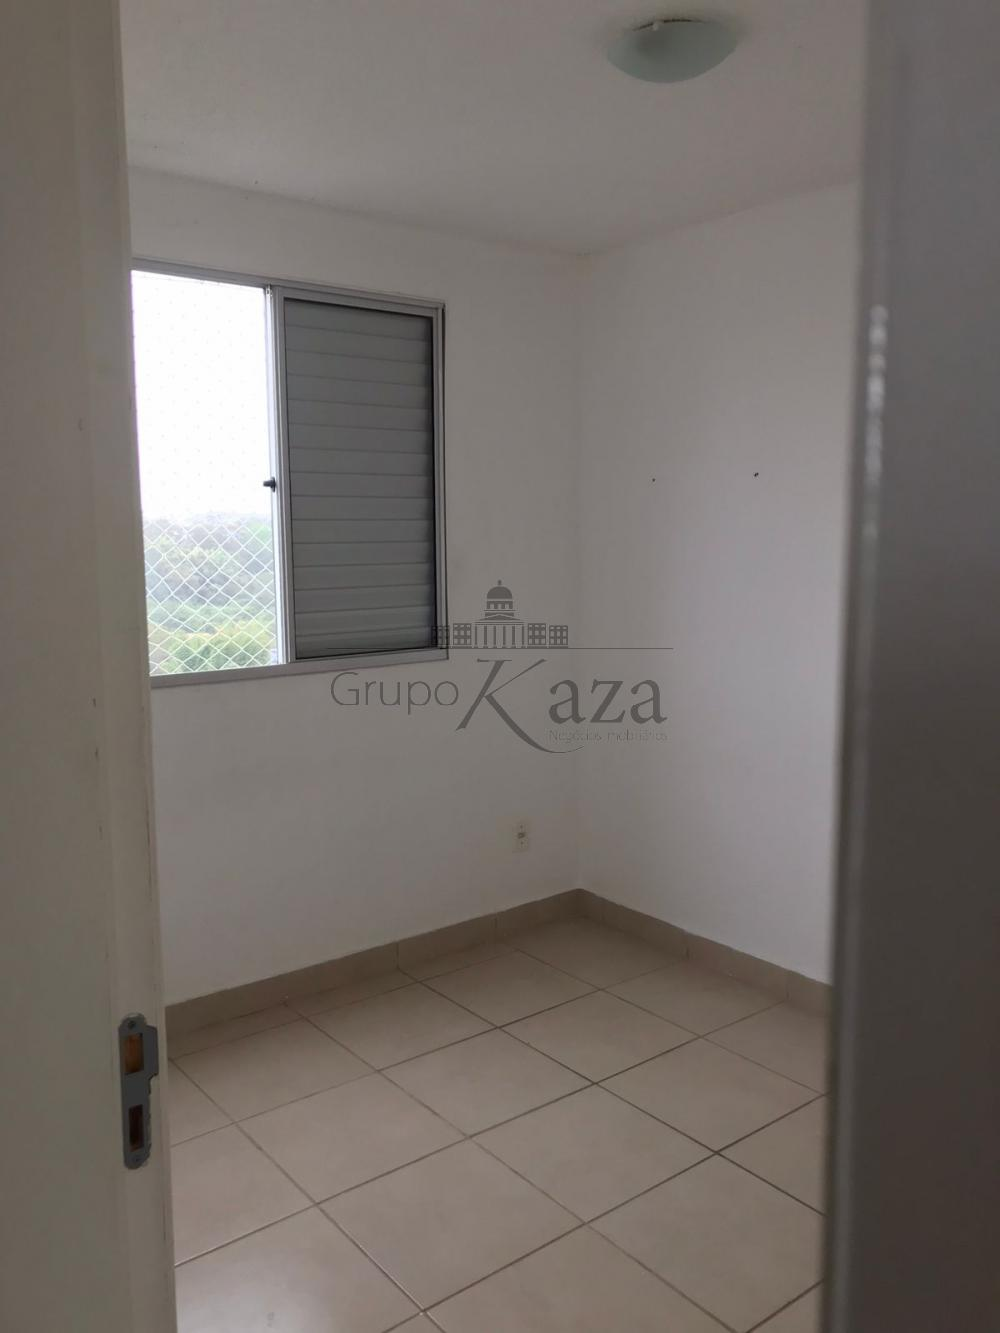 alt='Comprar Apartamento / Padrão em São José dos Campos R$ 171.000,00 - Foto 7' title='Comprar Apartamento / Padrão em São José dos Campos R$ 171.000,00 - Foto 7'